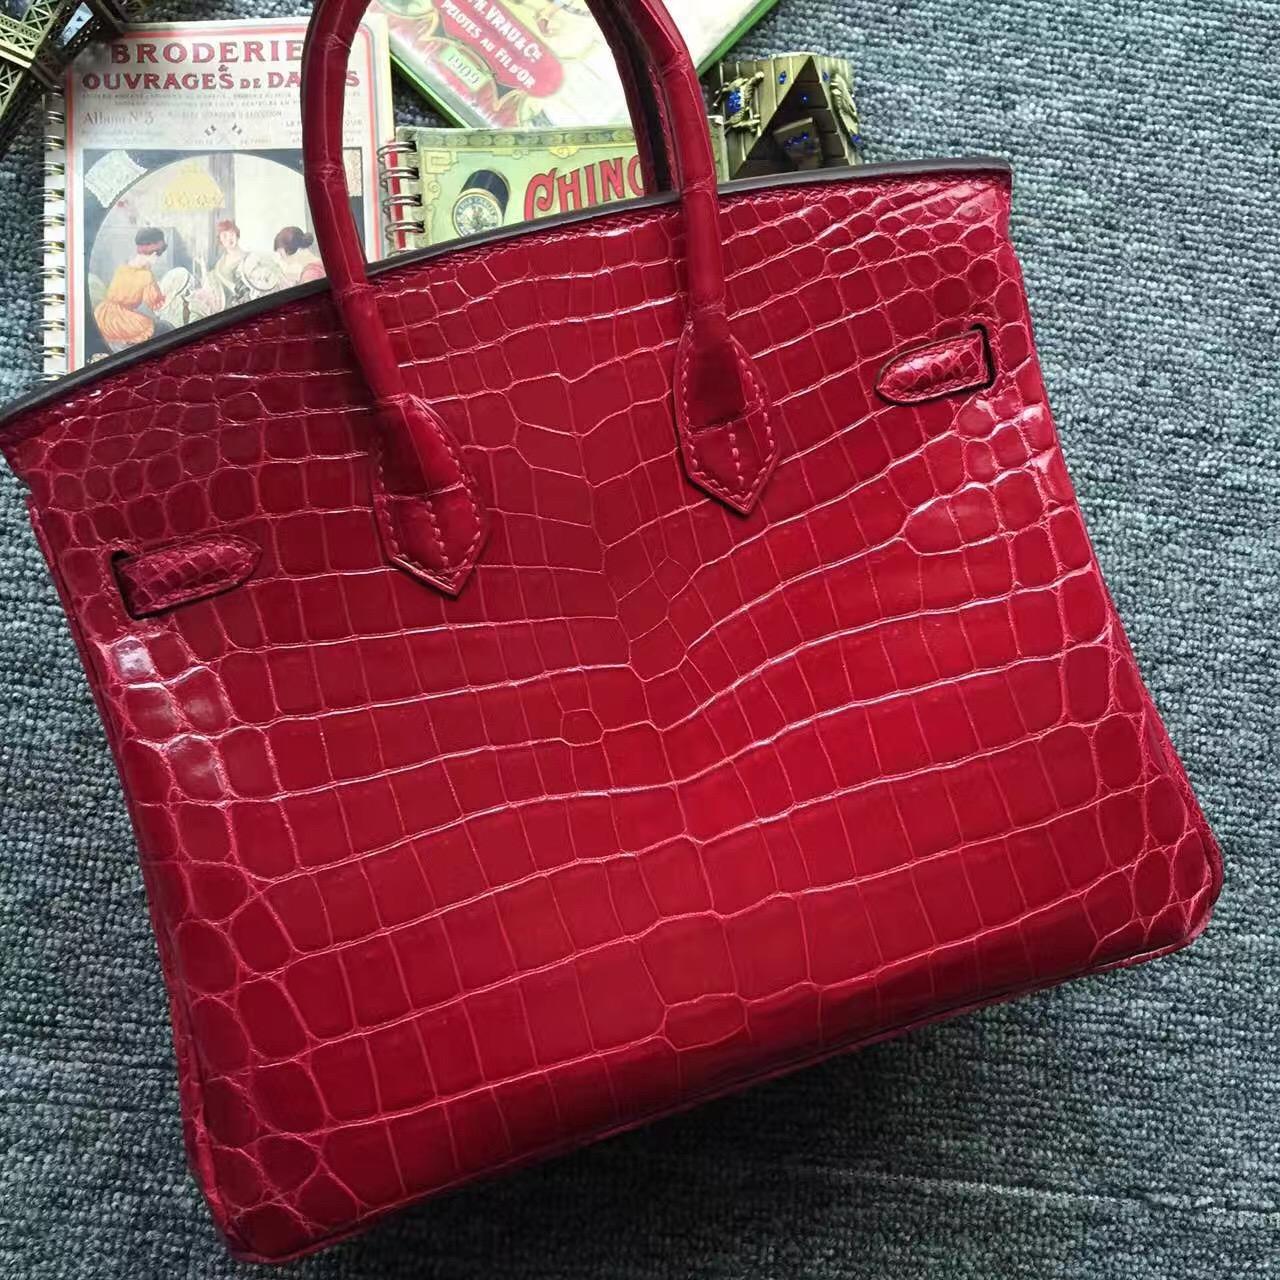 Wholesale Hermes Q5 Rouge Casaque Crocodile Shiny Leather Birkin Bag 25cm